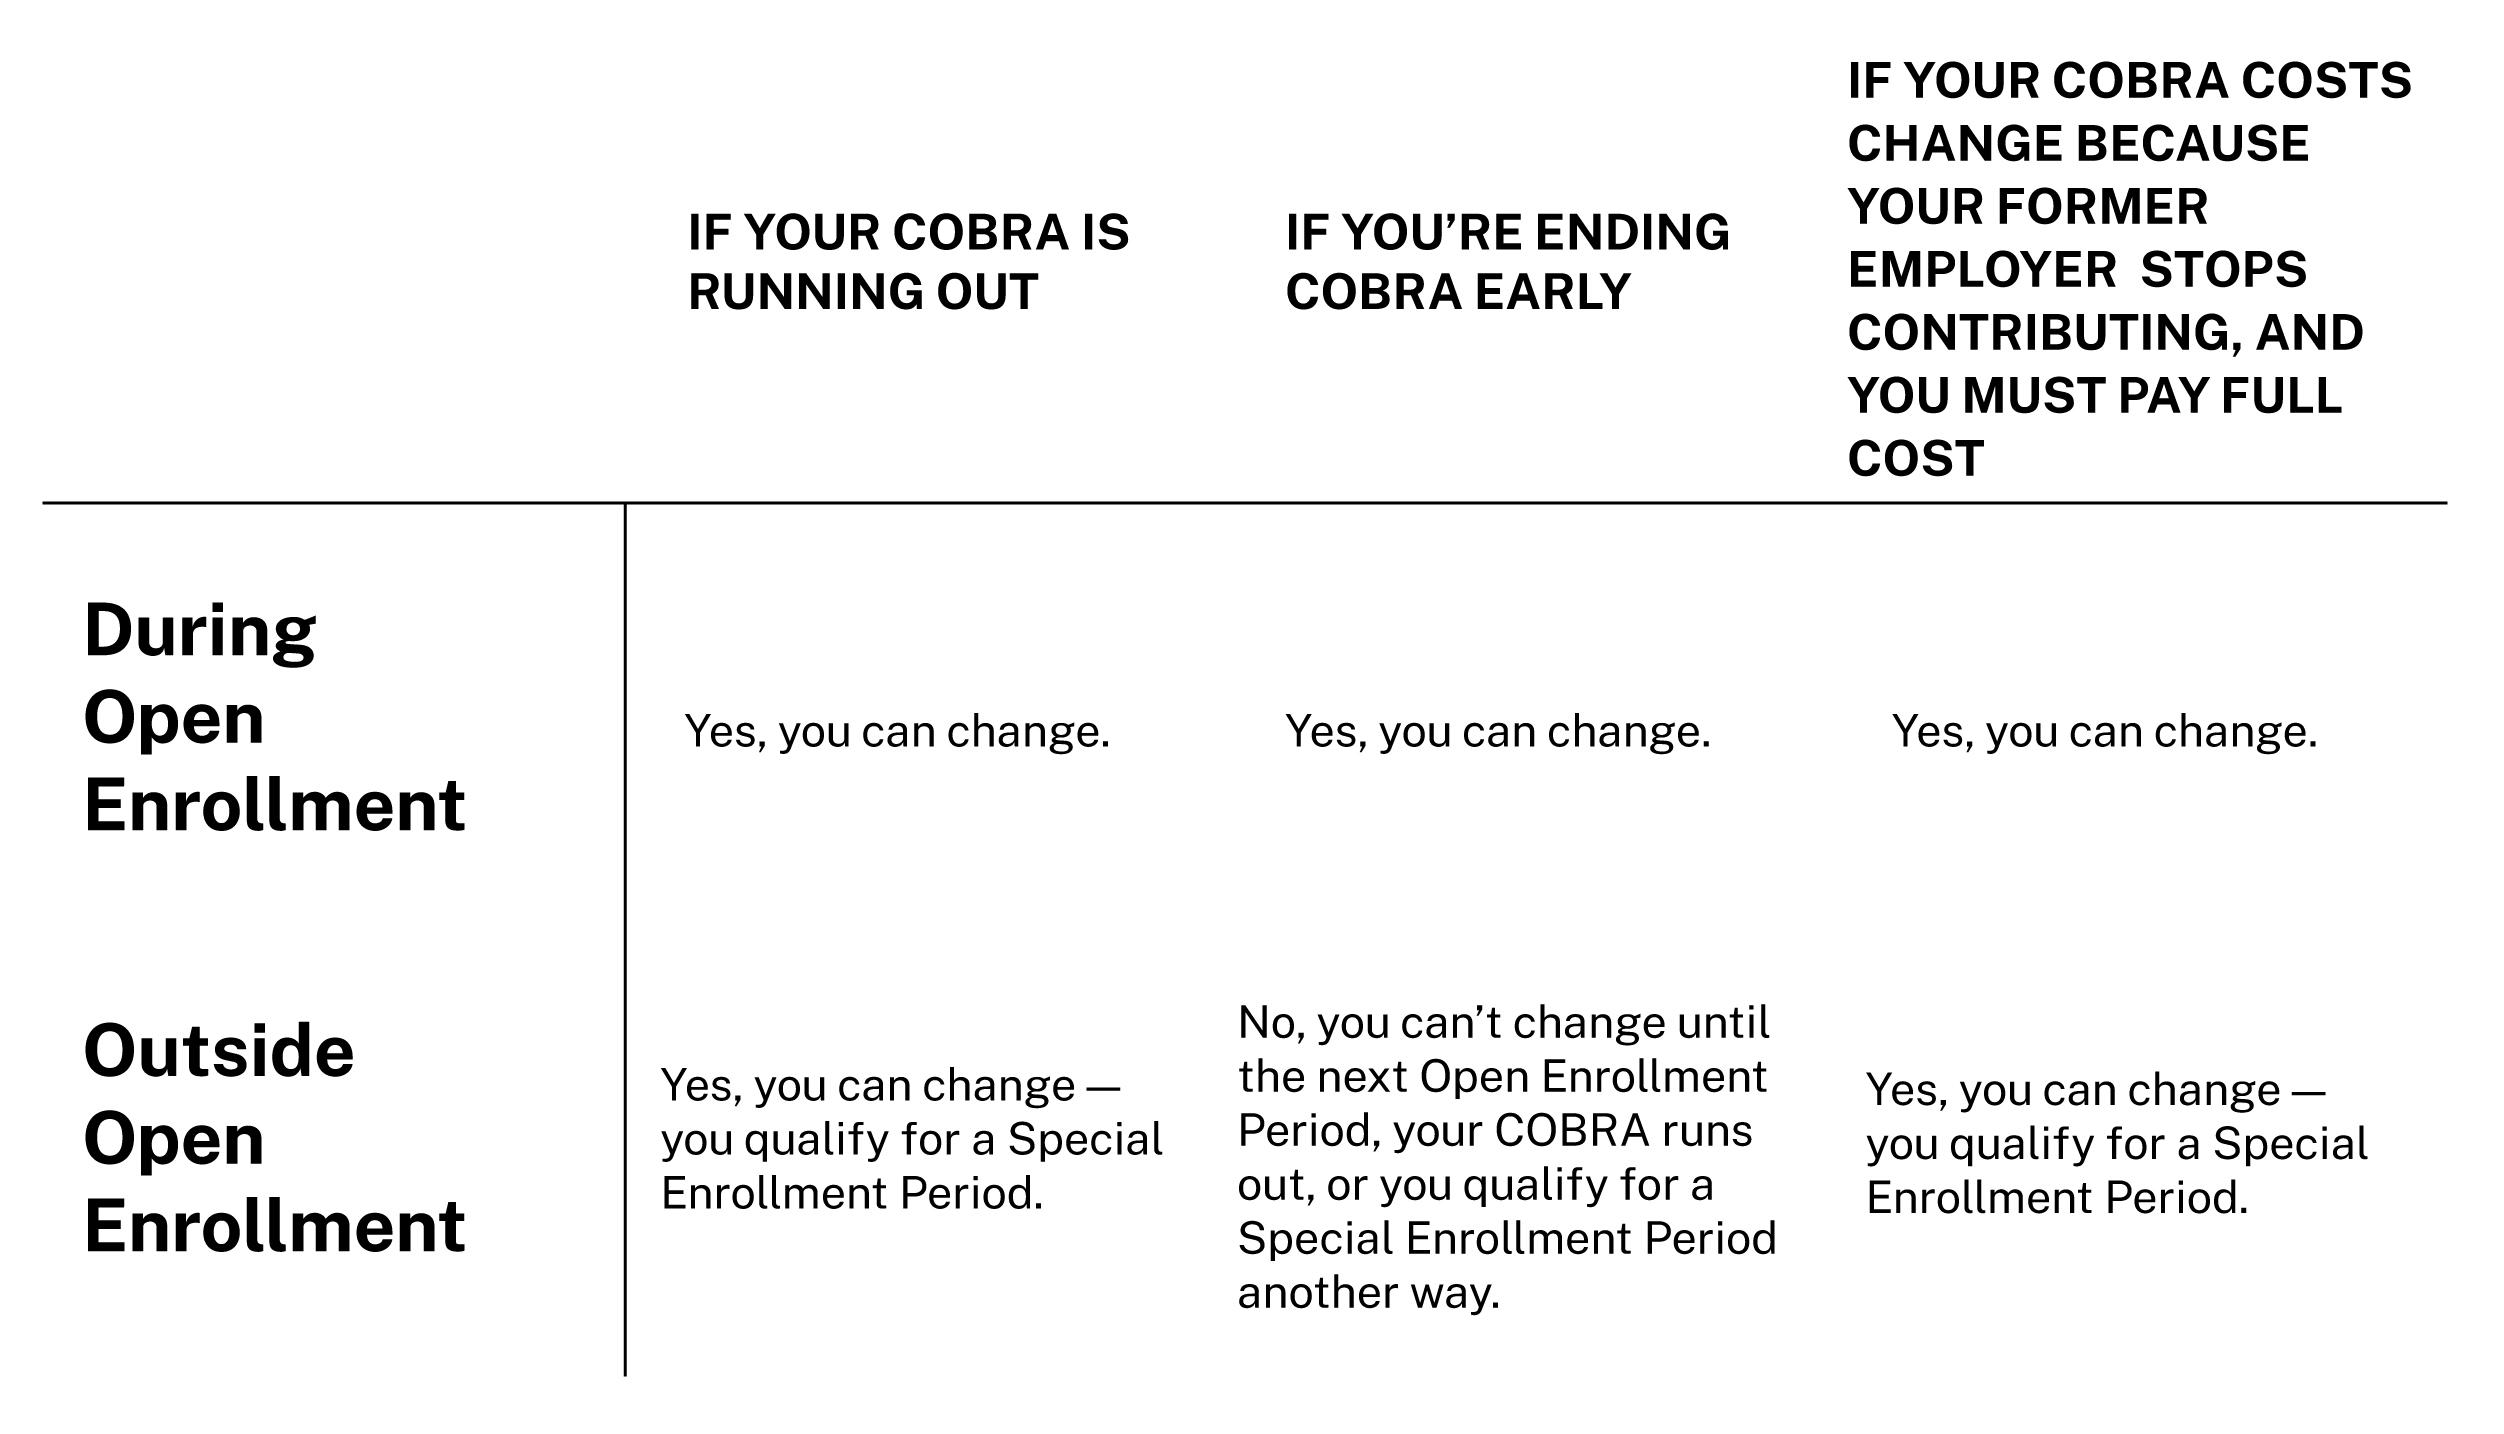 COBRA vs ACA